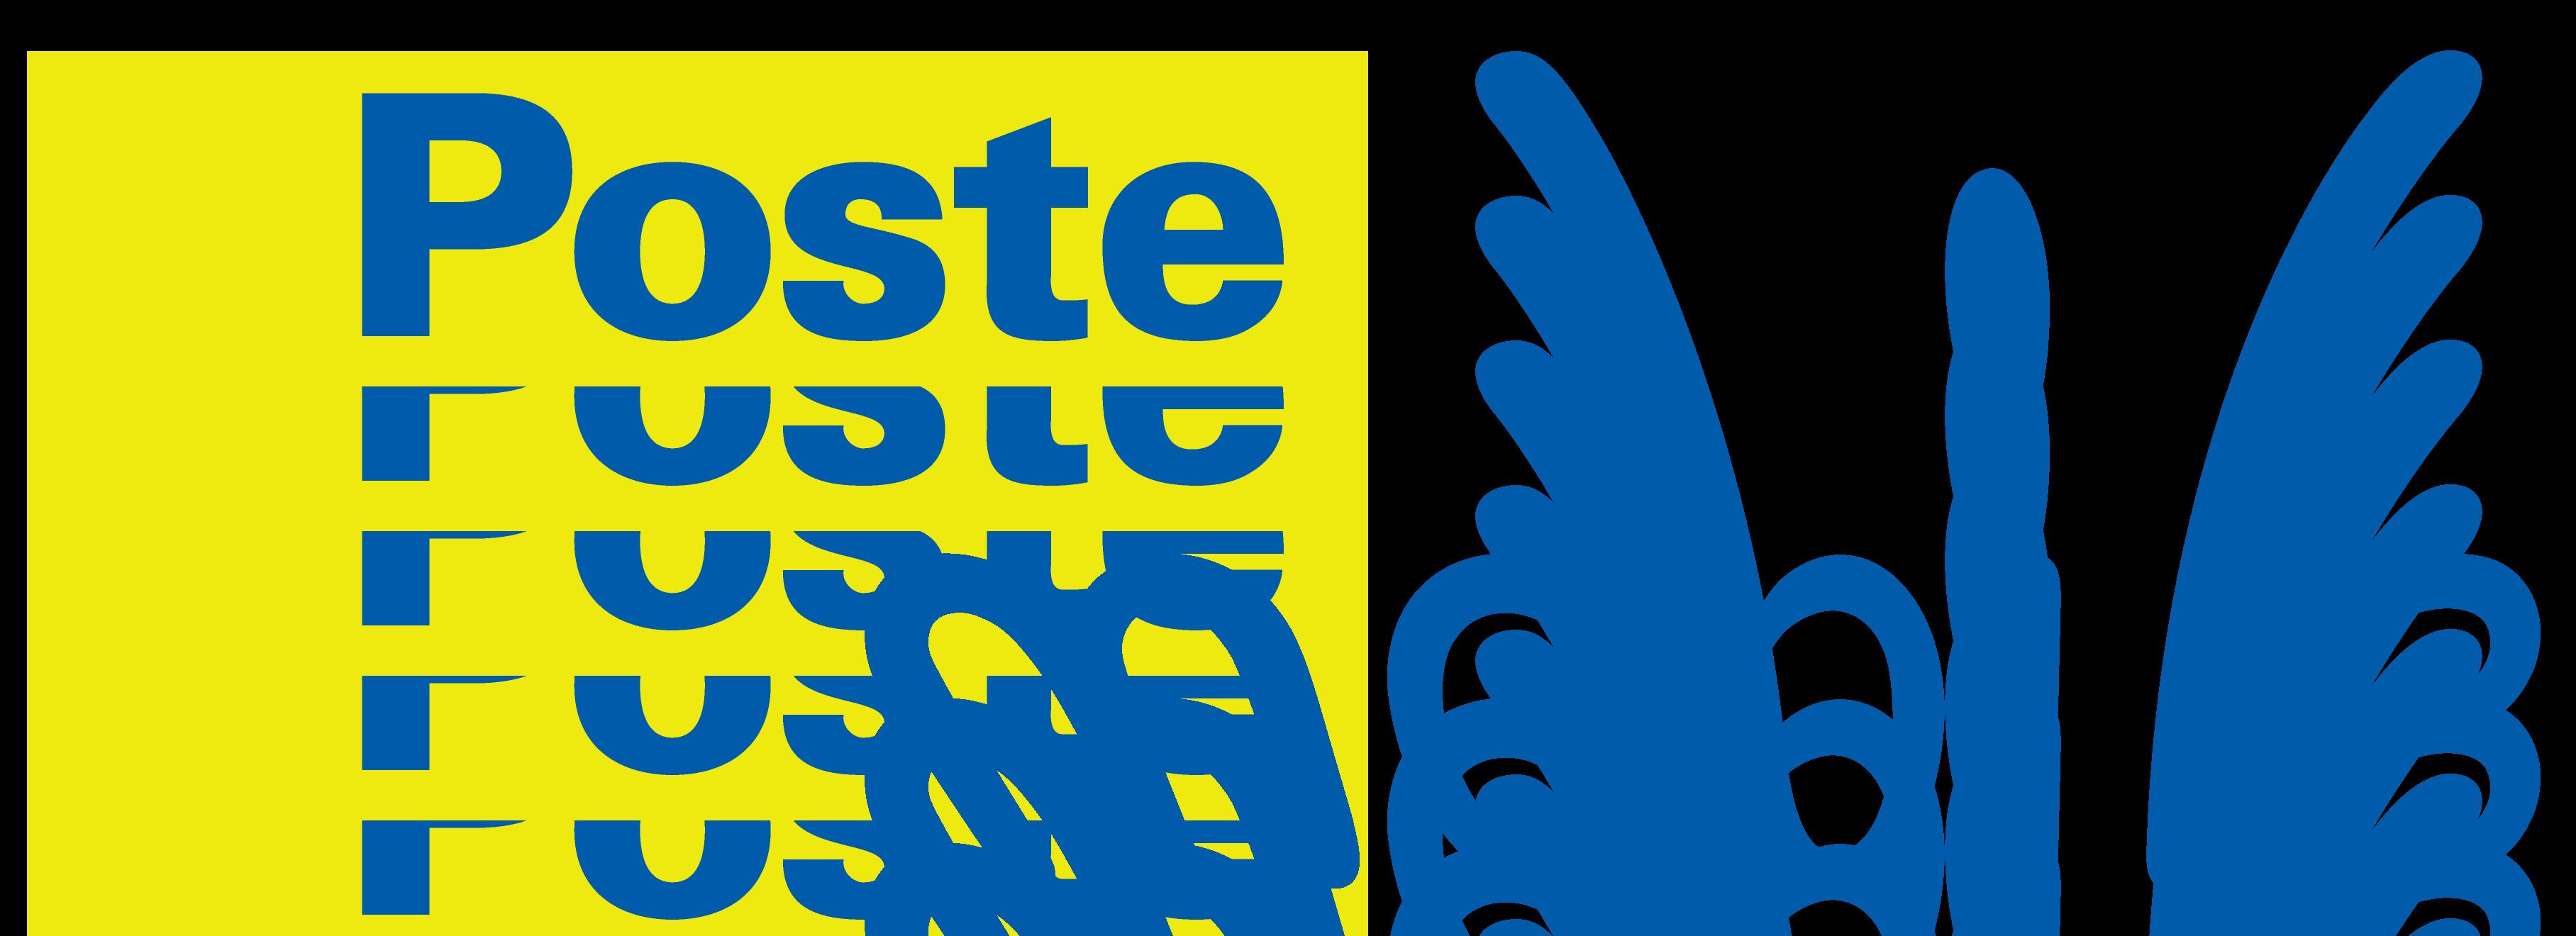 PosteMobile: pagamenti col telefonino